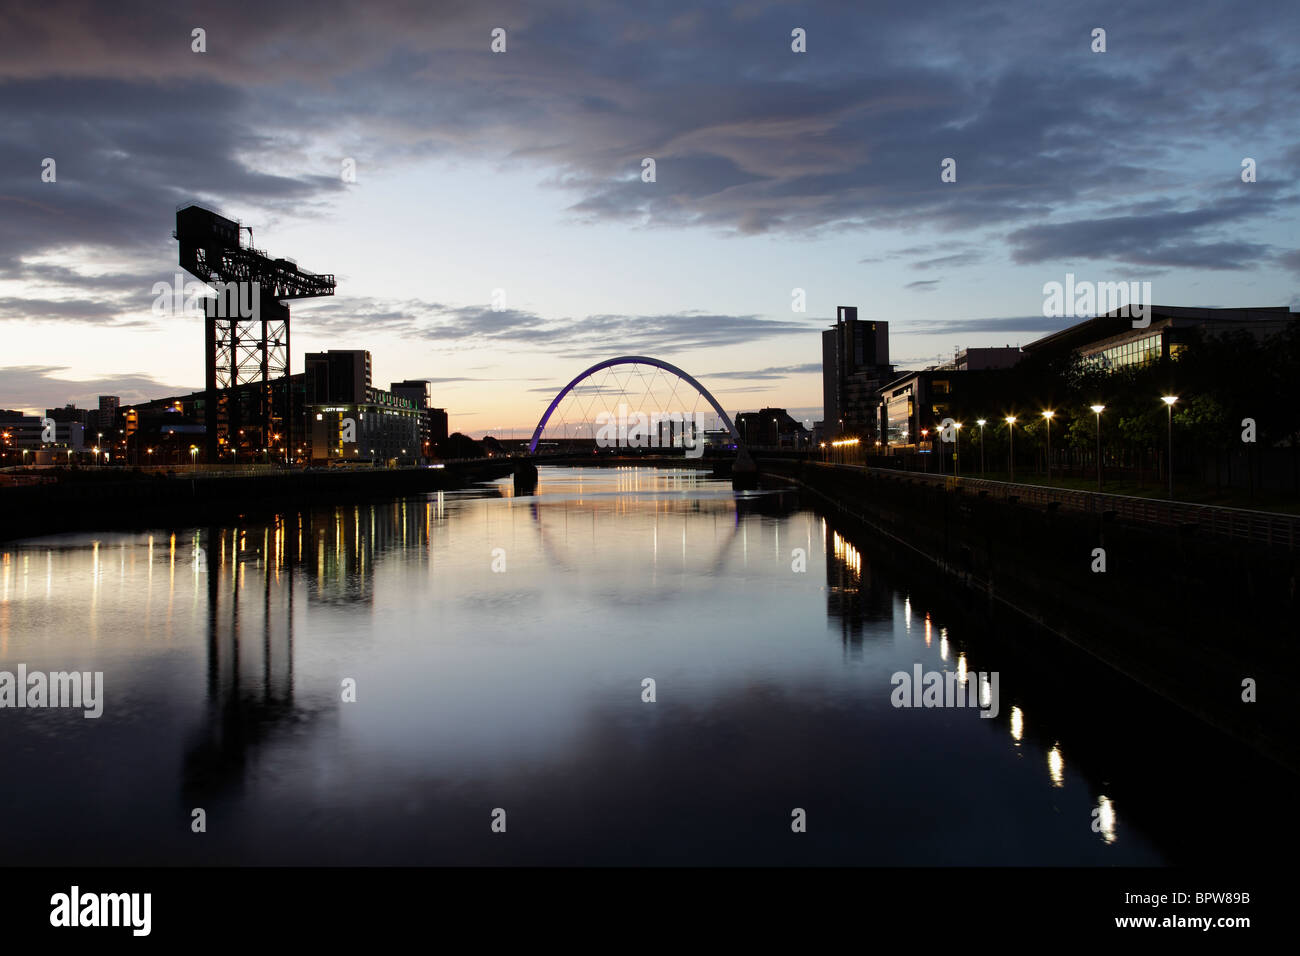 À l'Est le long de la rivière Clyde à l'aube vers le pont d'Arc et Clyde Finnieston Crane, Glasgow, Scotland UK Banque D'Images